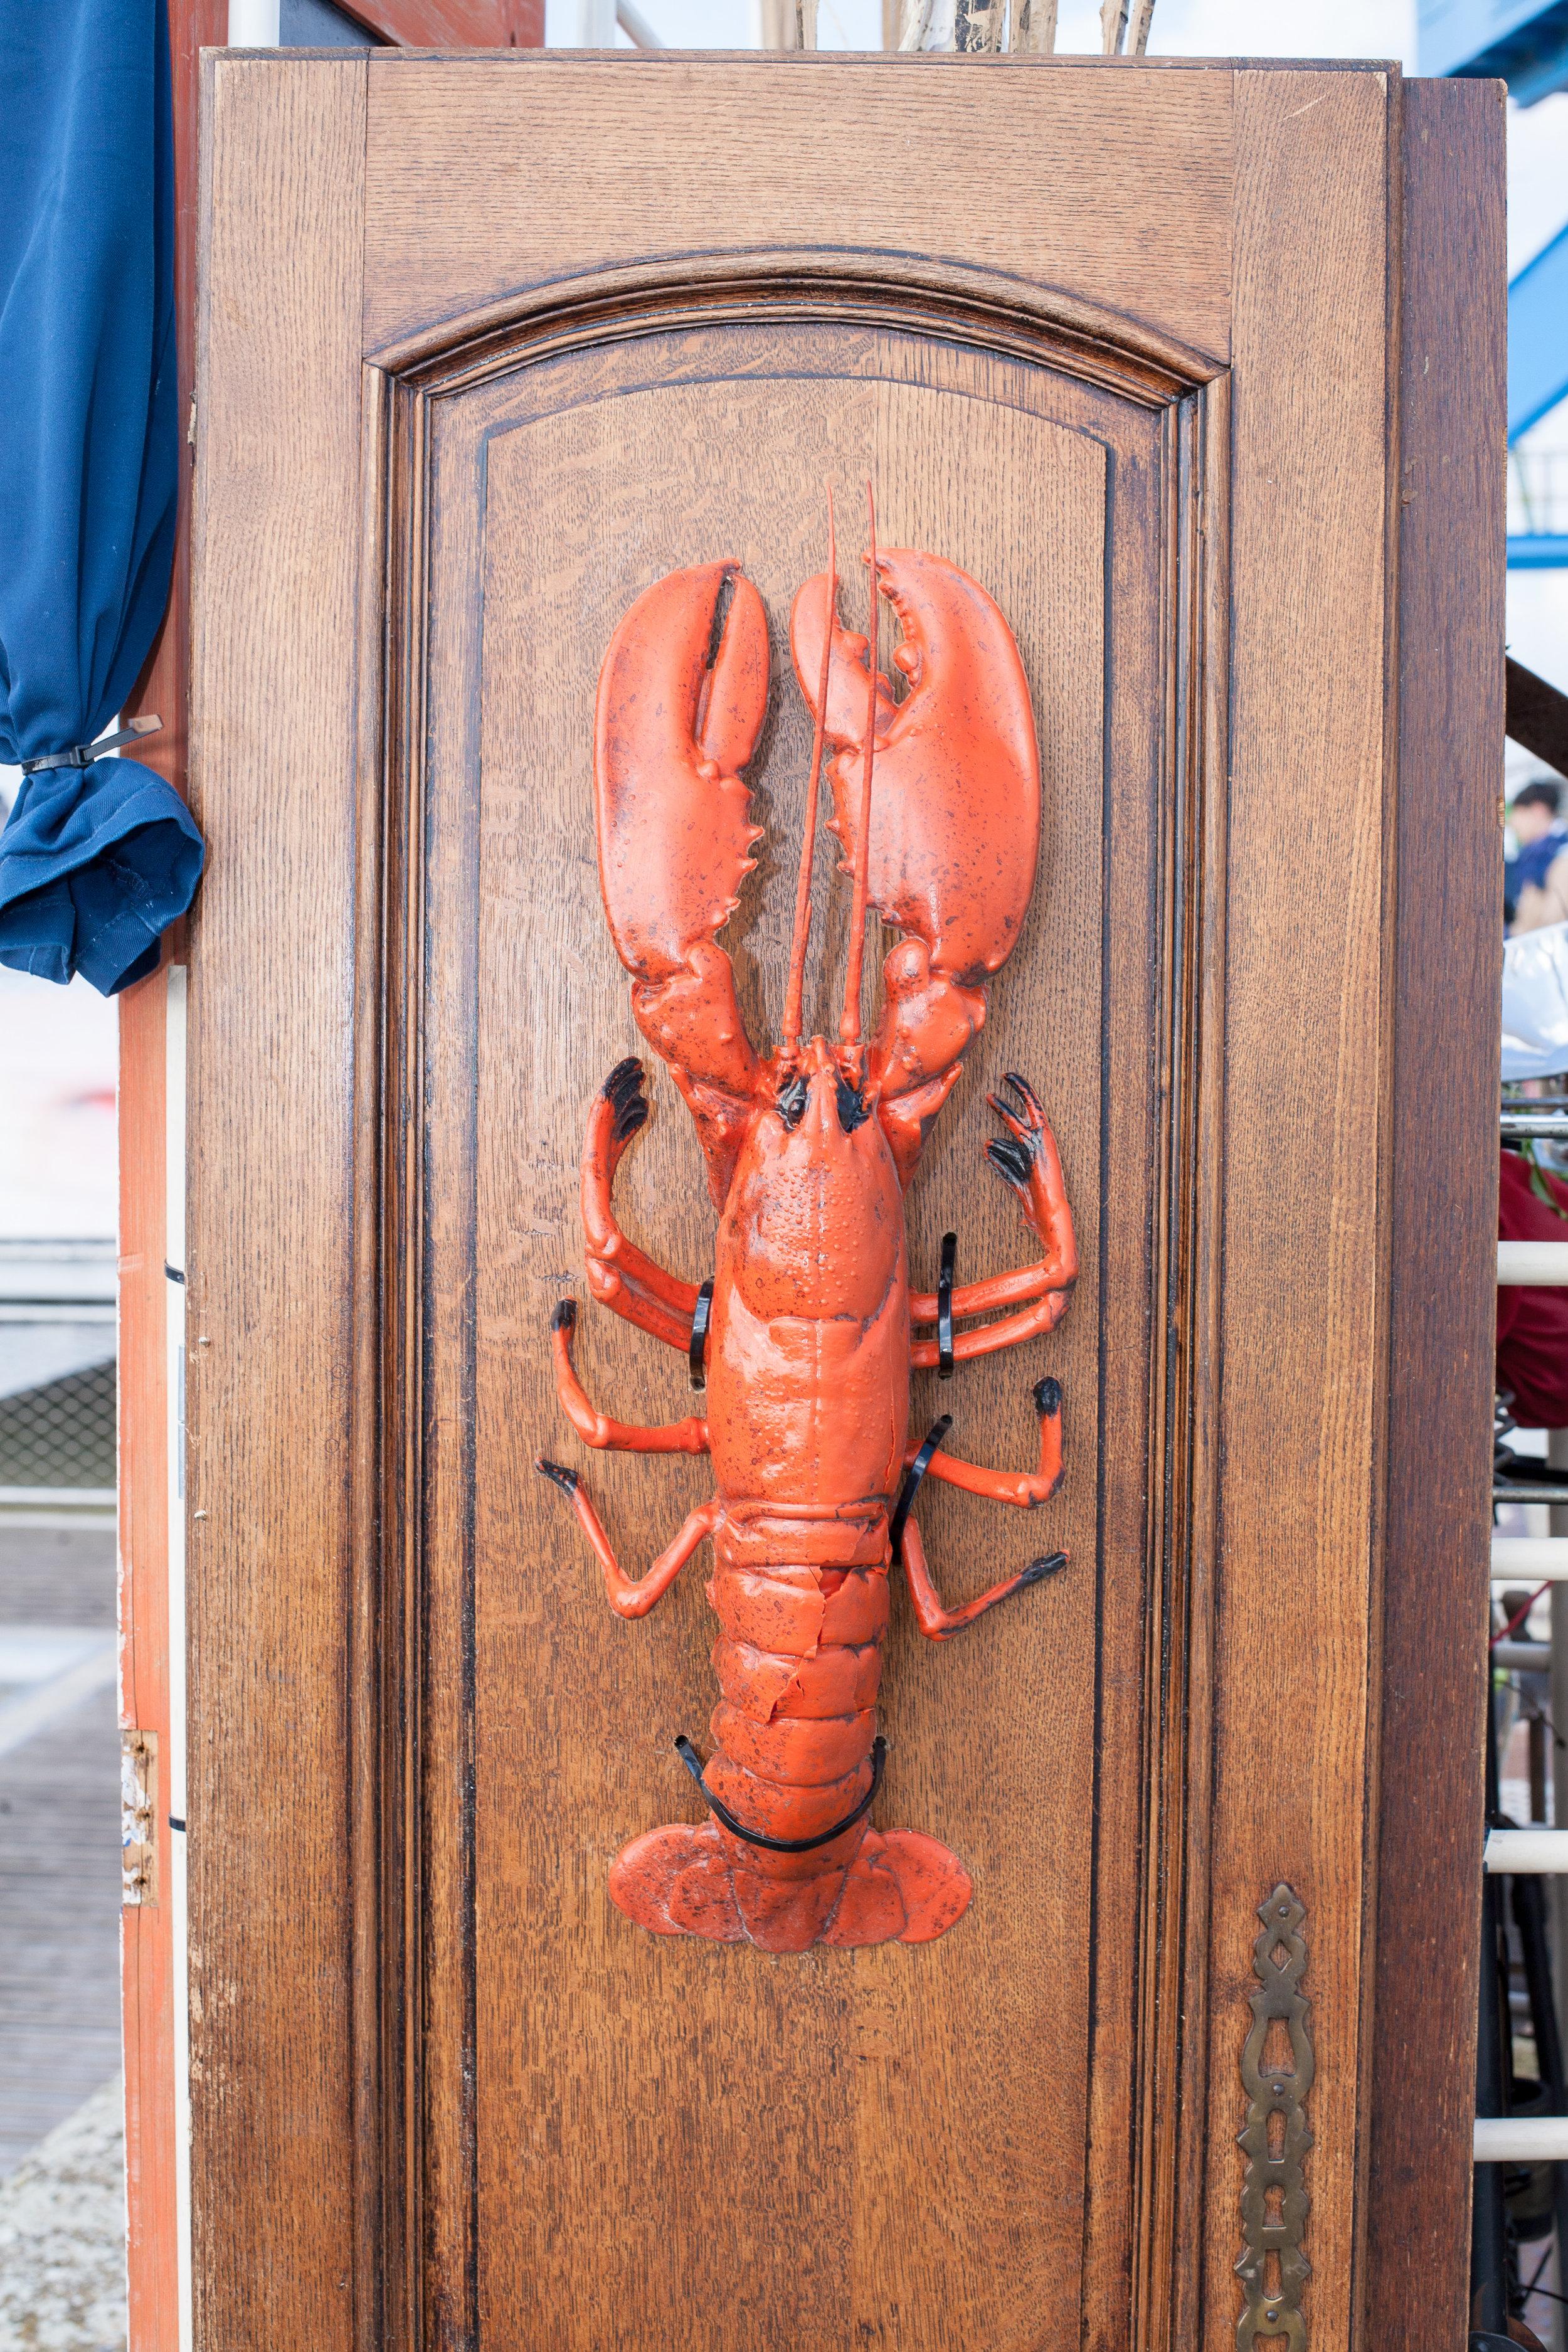 Old lobster